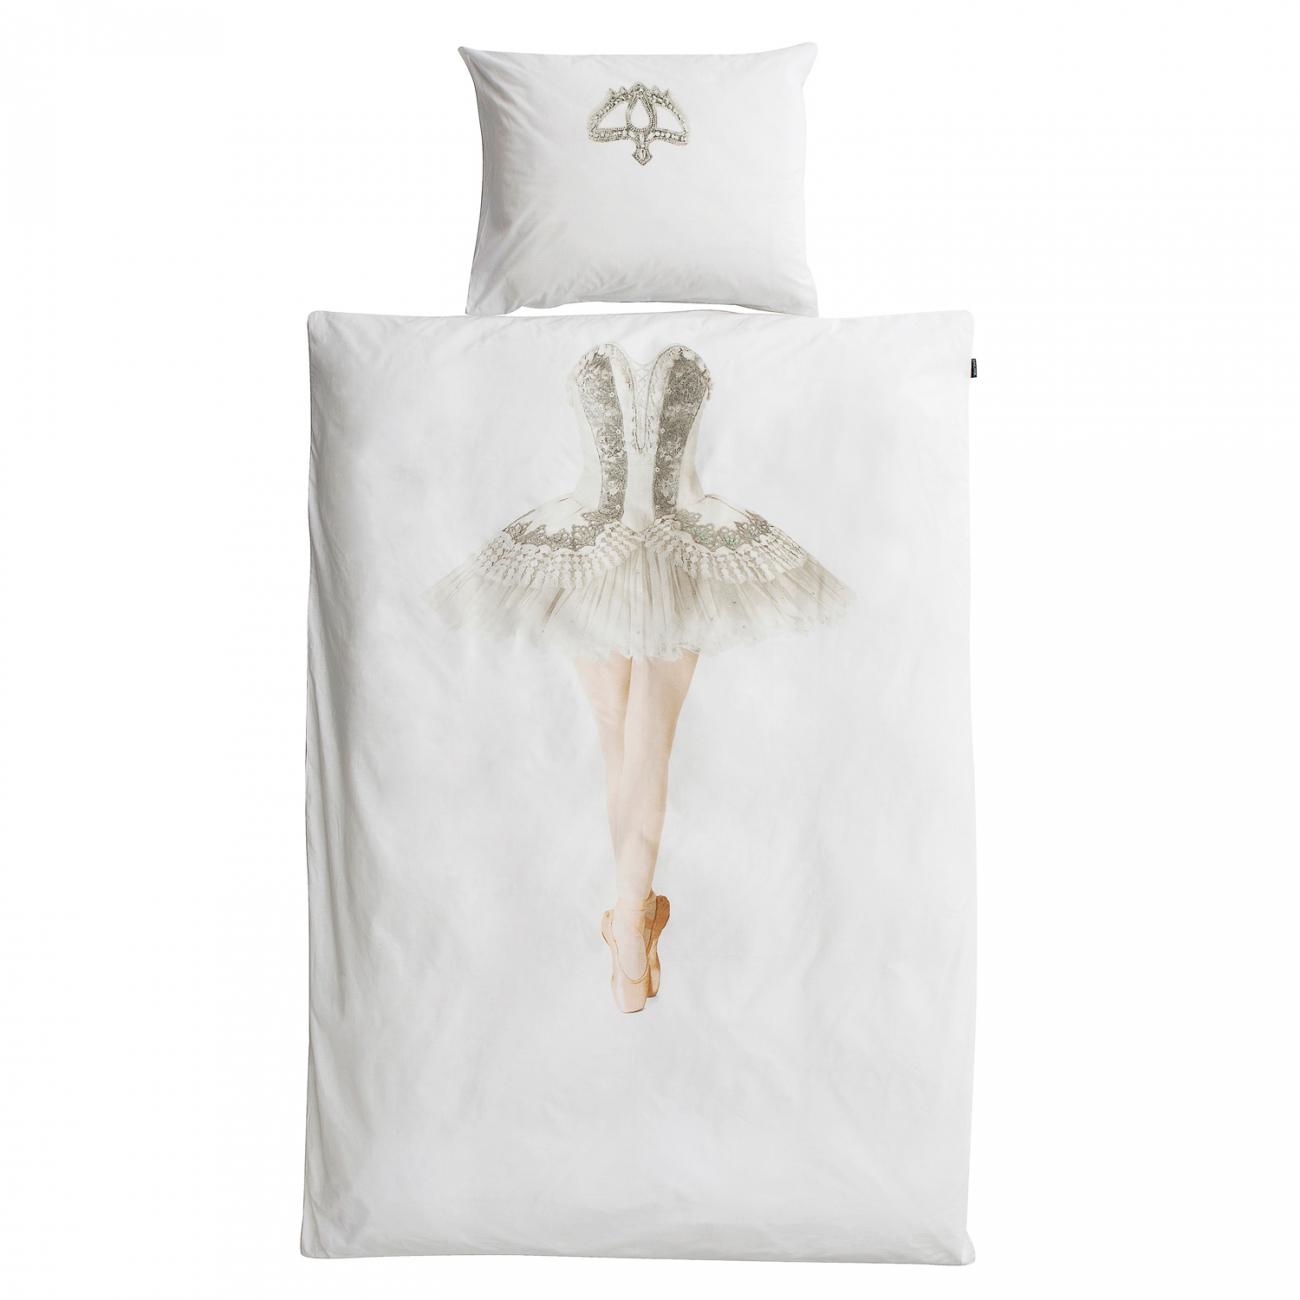 Snurk Beddengoed Ballerina-140 x 200/220 cm